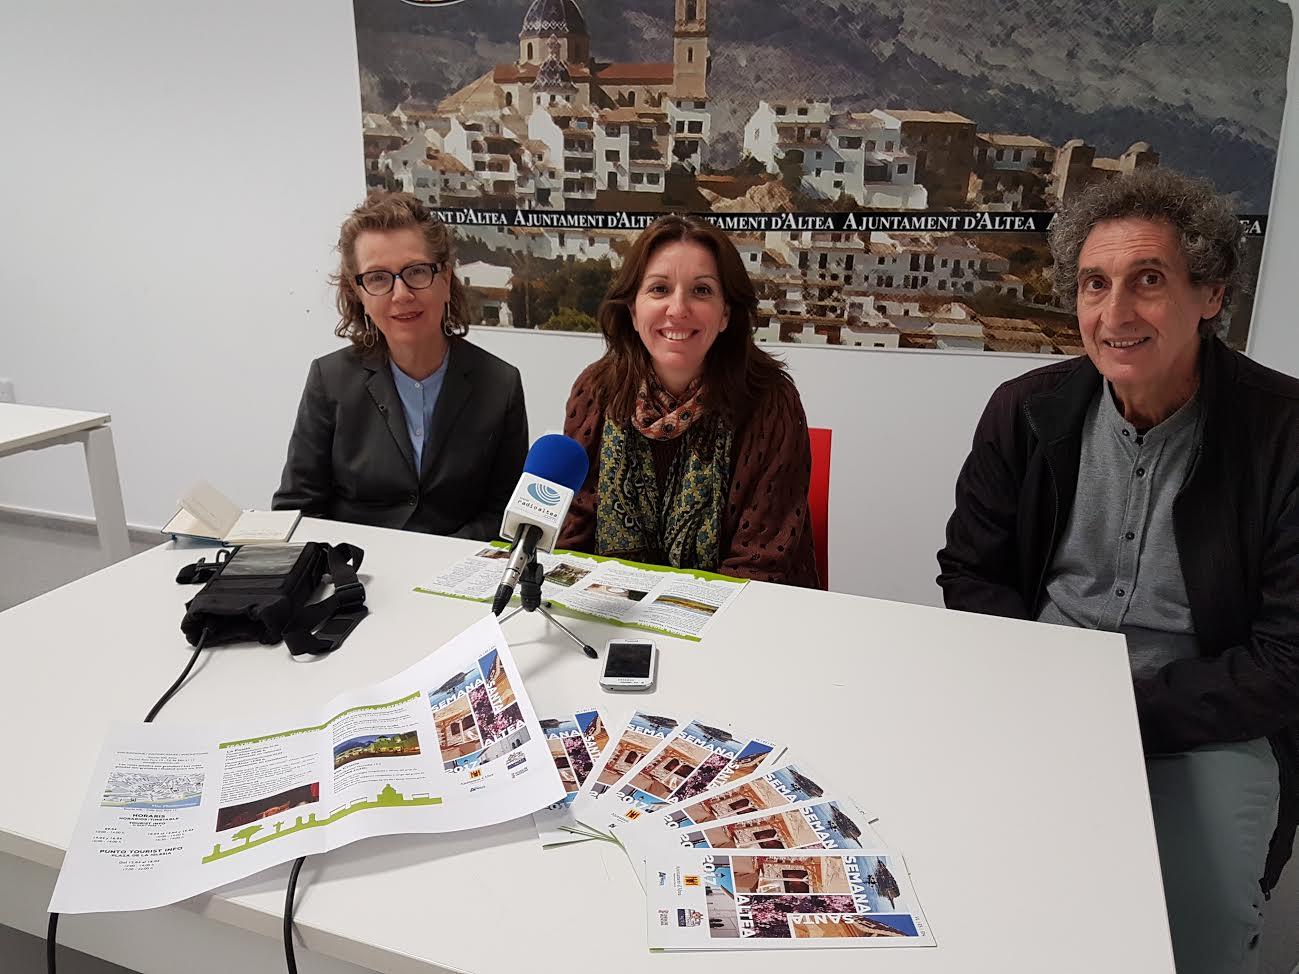 Turisme anuncia la programació d'activitats turístiques i culturals per a Setmana Santa